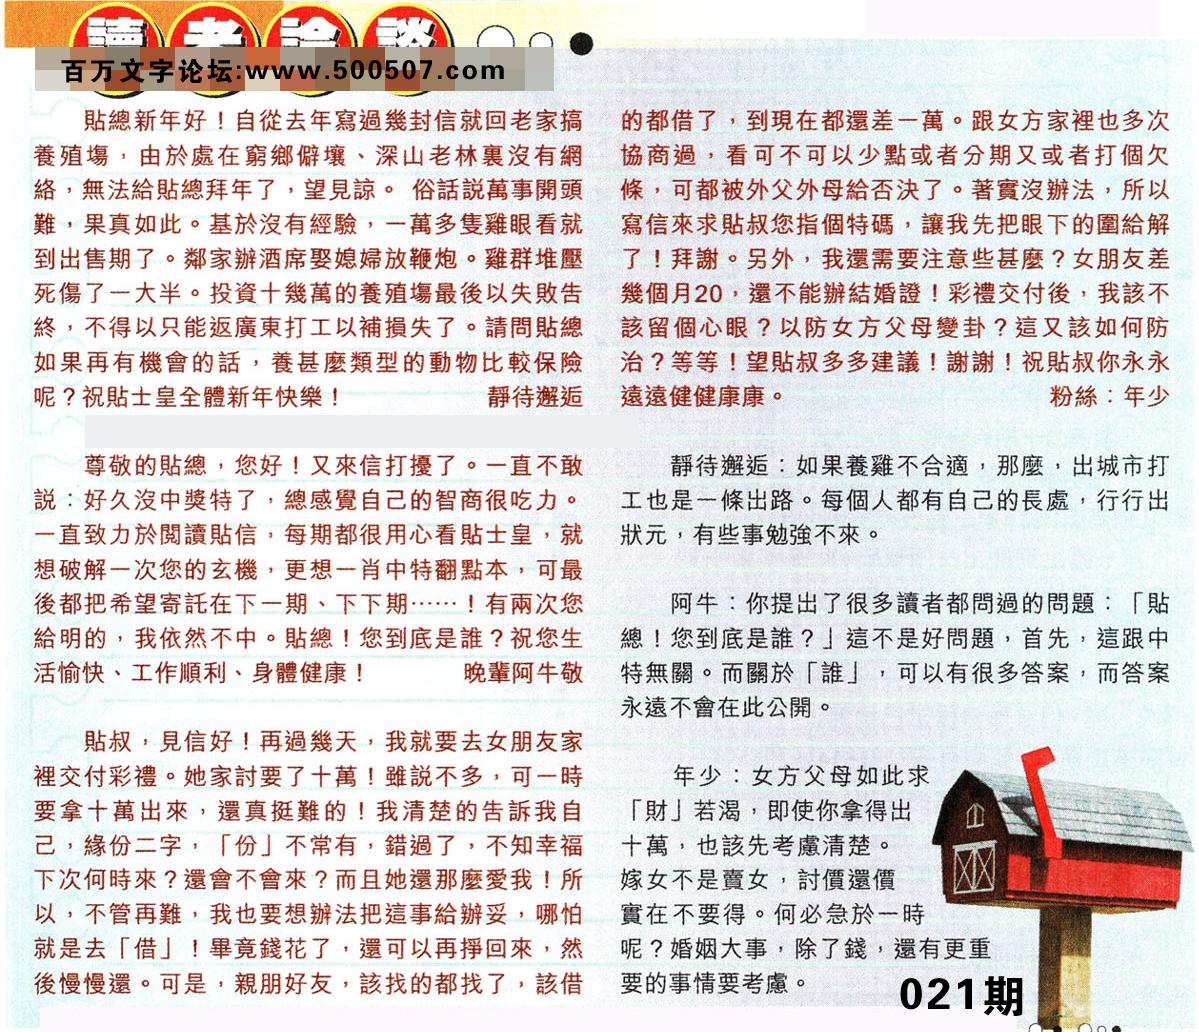 021期:彩民推荐�N信�x者���